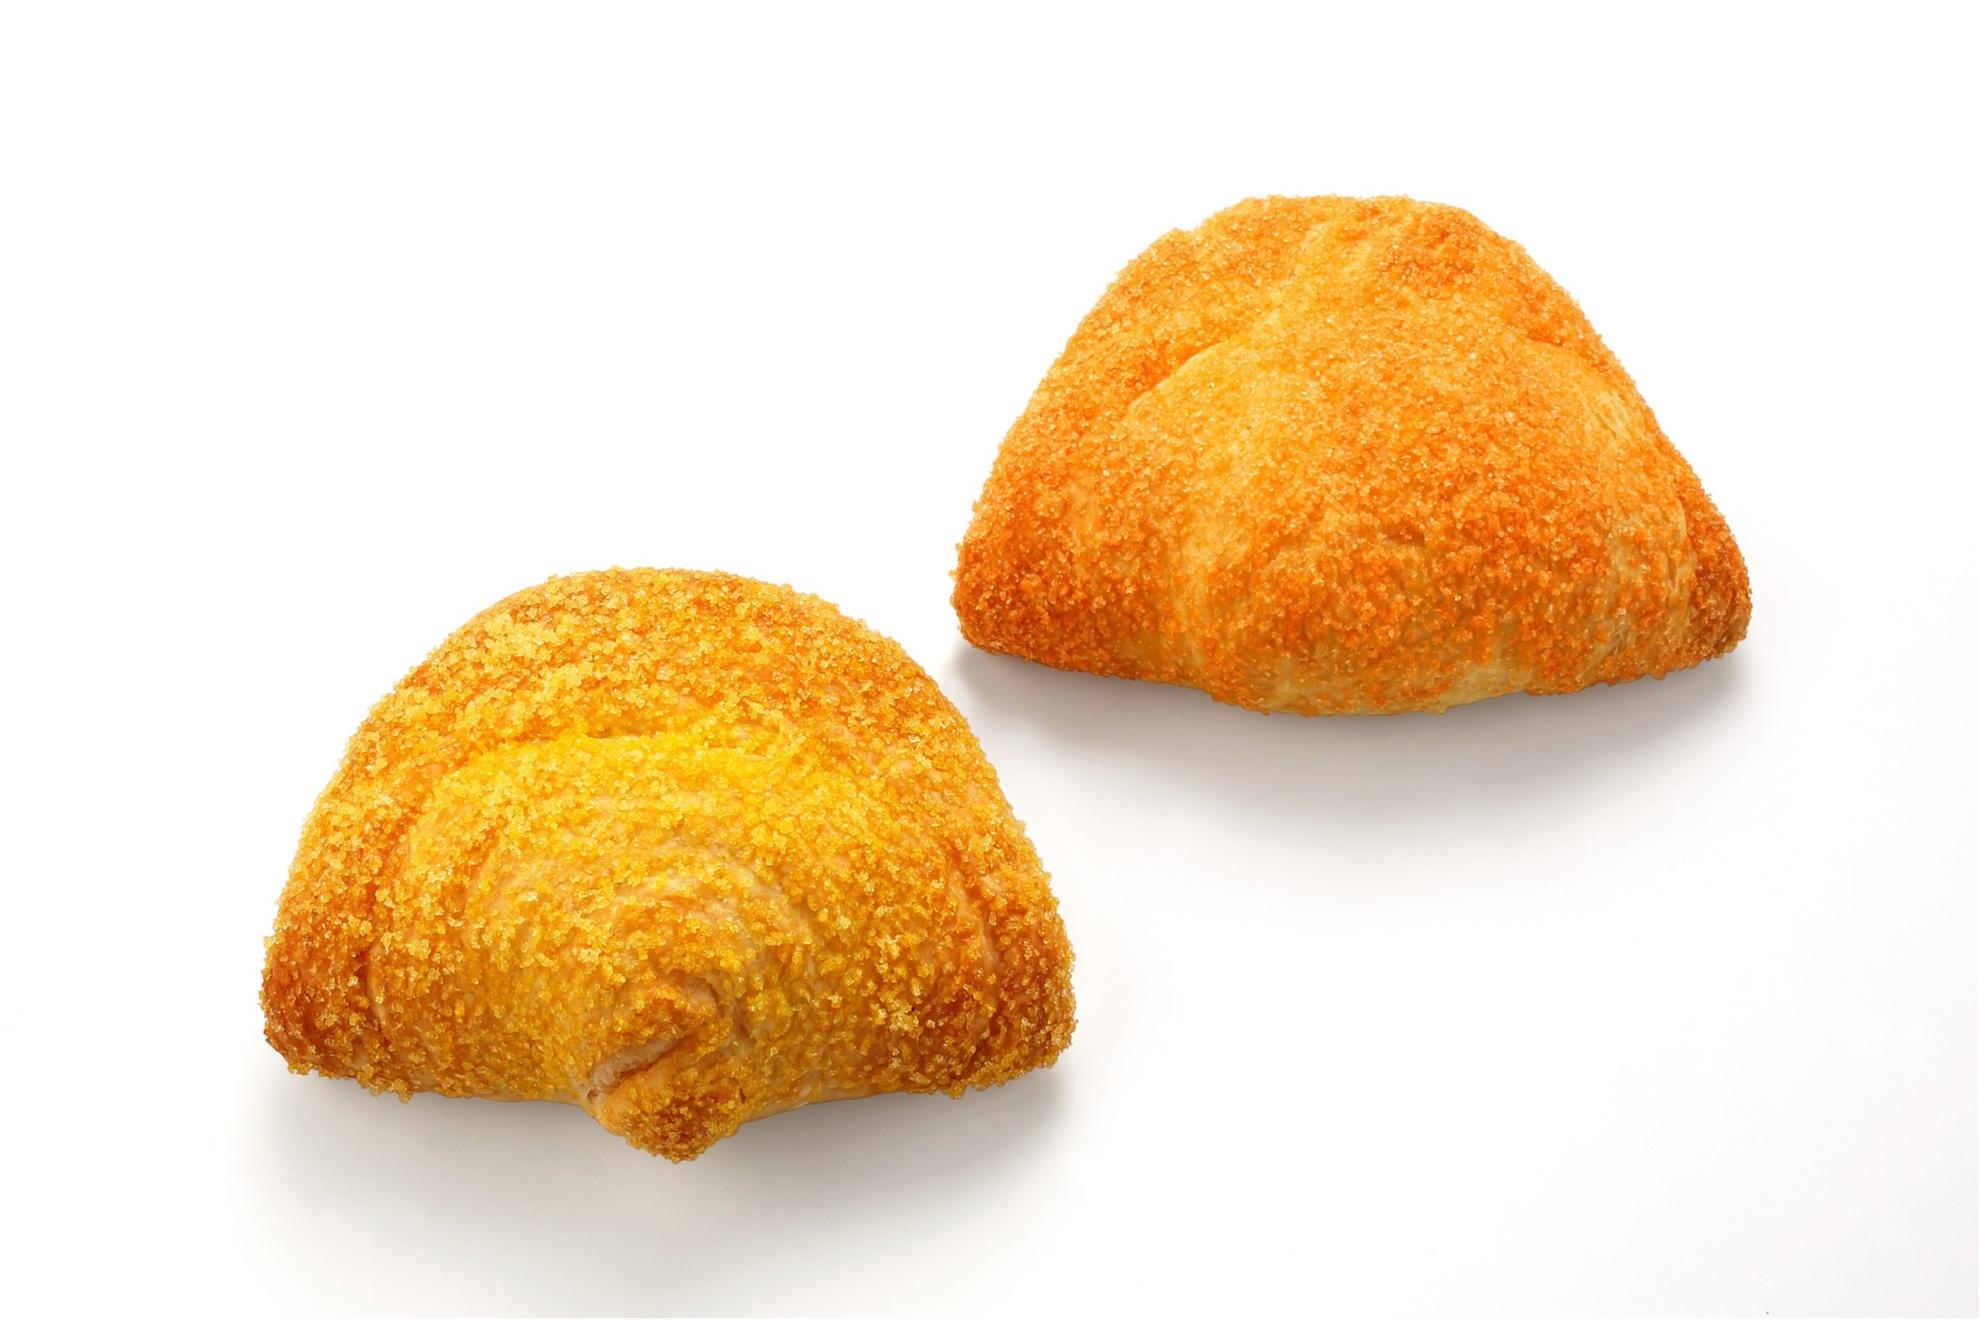 今年の夏はマンゴー&レモン♡ 『フォション』の期間限定エクレールがかわいすぎ!!_1_3